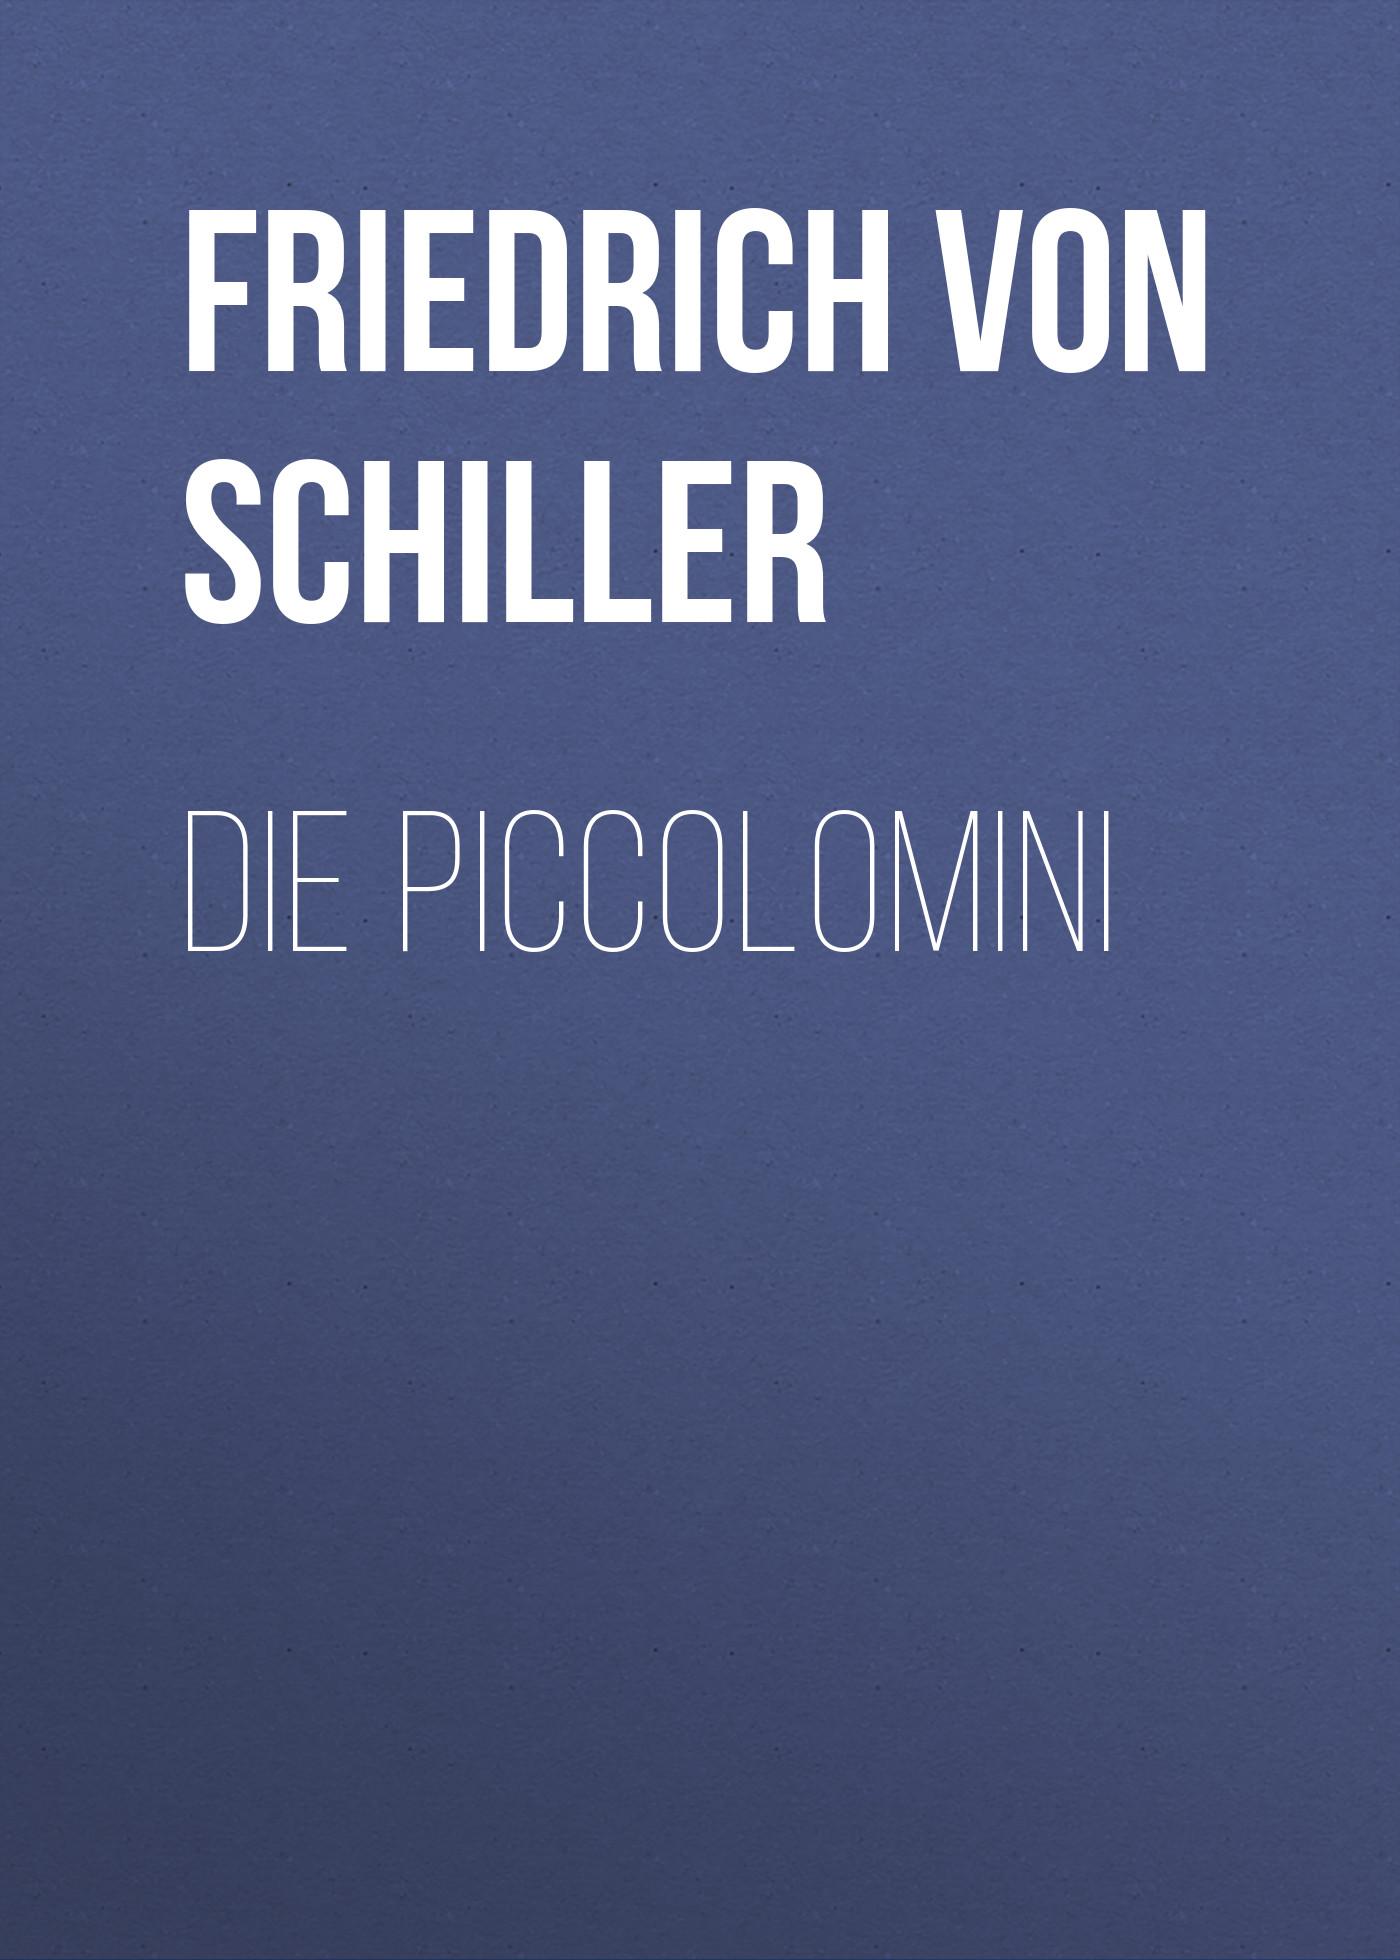 Friedrich von Schiller Die Piccolomini